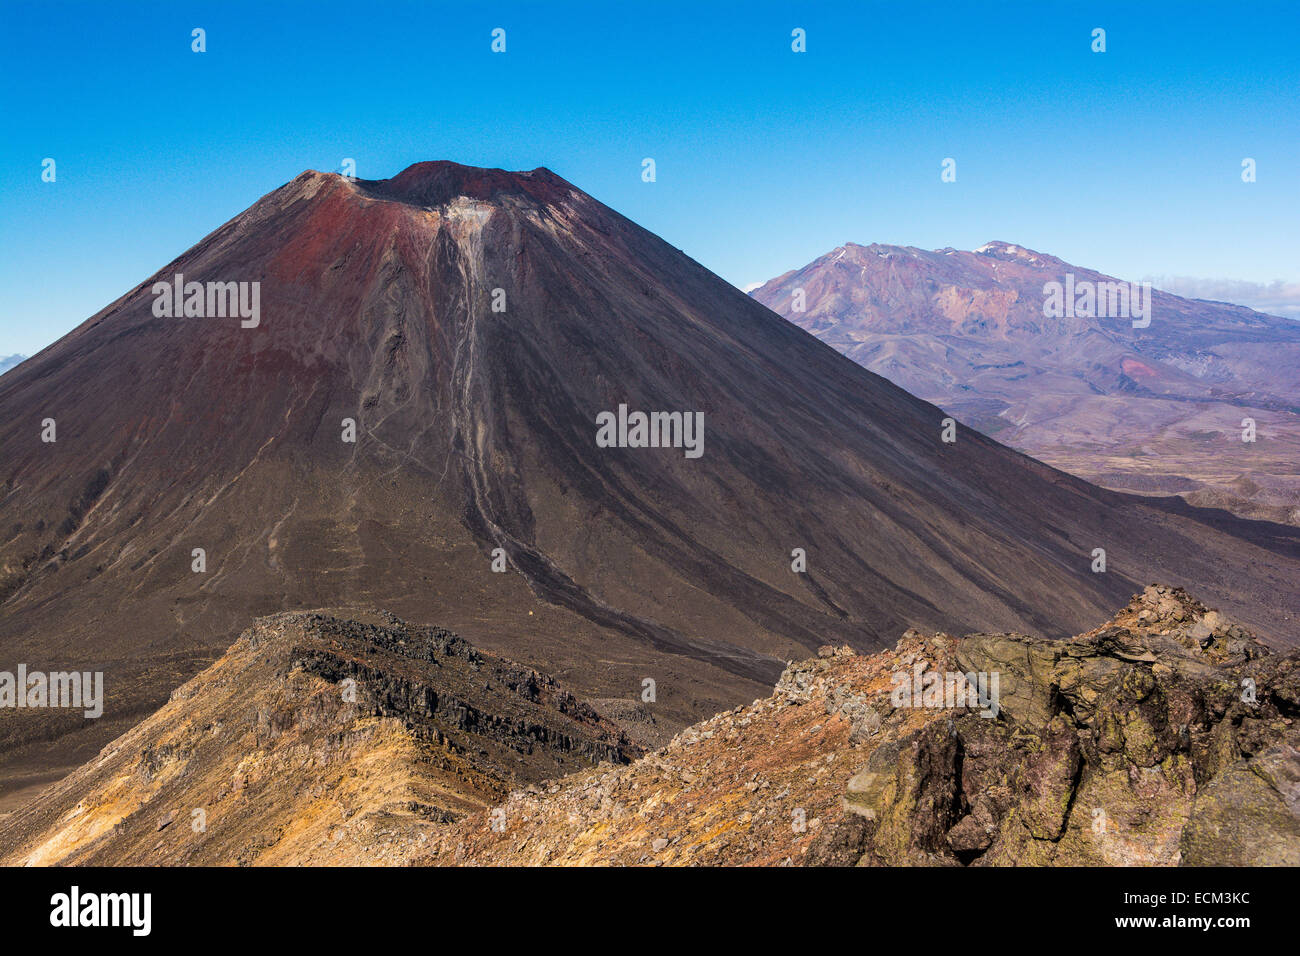 Mt. Ngauruhoe, Northern Circuit hike, Tongariro National Park, North Island, New Zealand - Stock Image